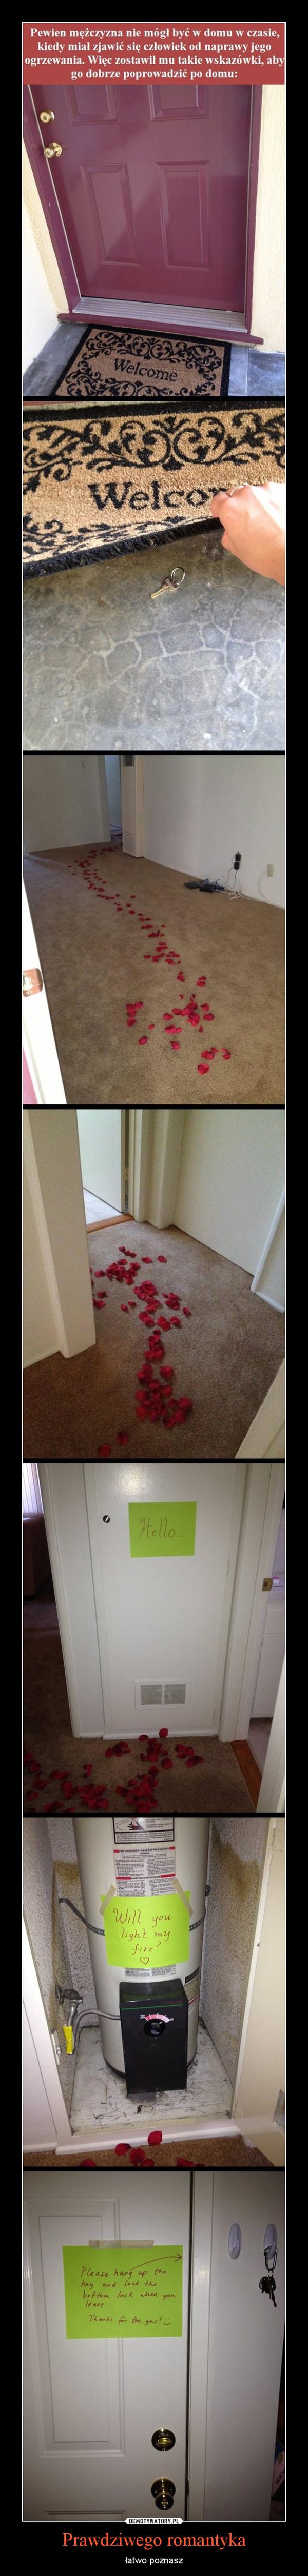 Prawdziwego romantyka – łatwo poznasz